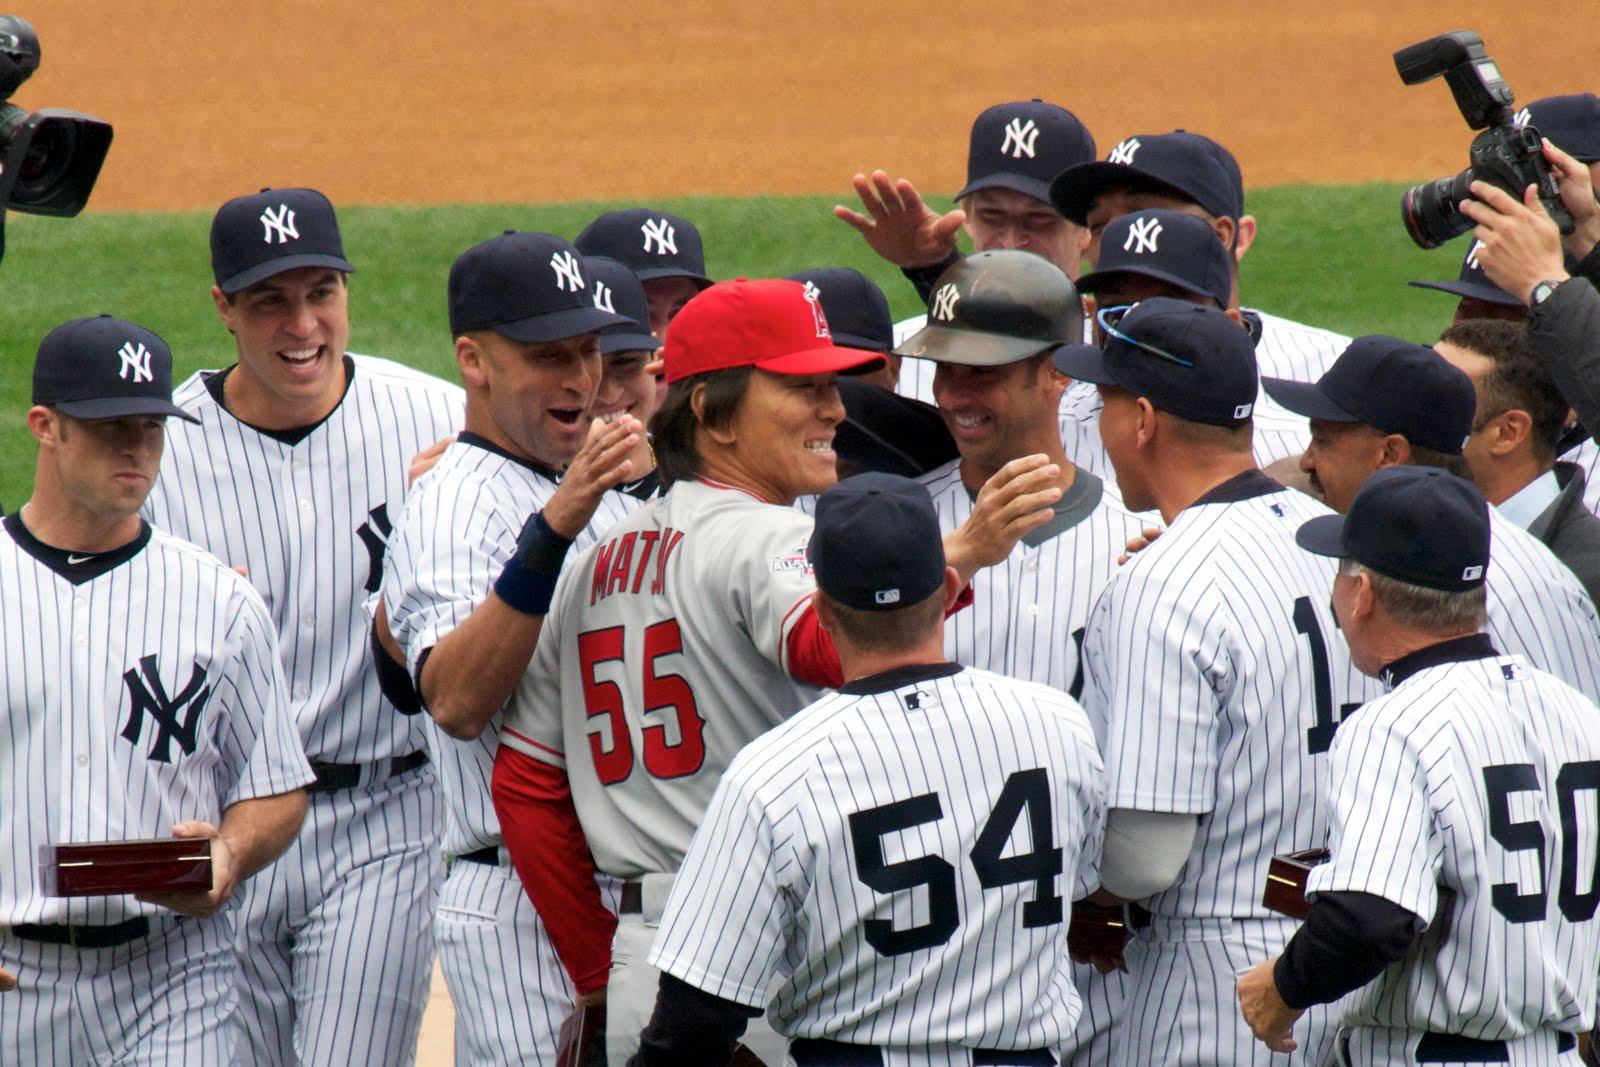 http://4.bp.blogspot.com/_Y_lu21DWPaM/S85OAemWfFI/AAAAAAAAAfM/r9bjC1H7J7k/s1600/Hideki+Matsui+9.jpg